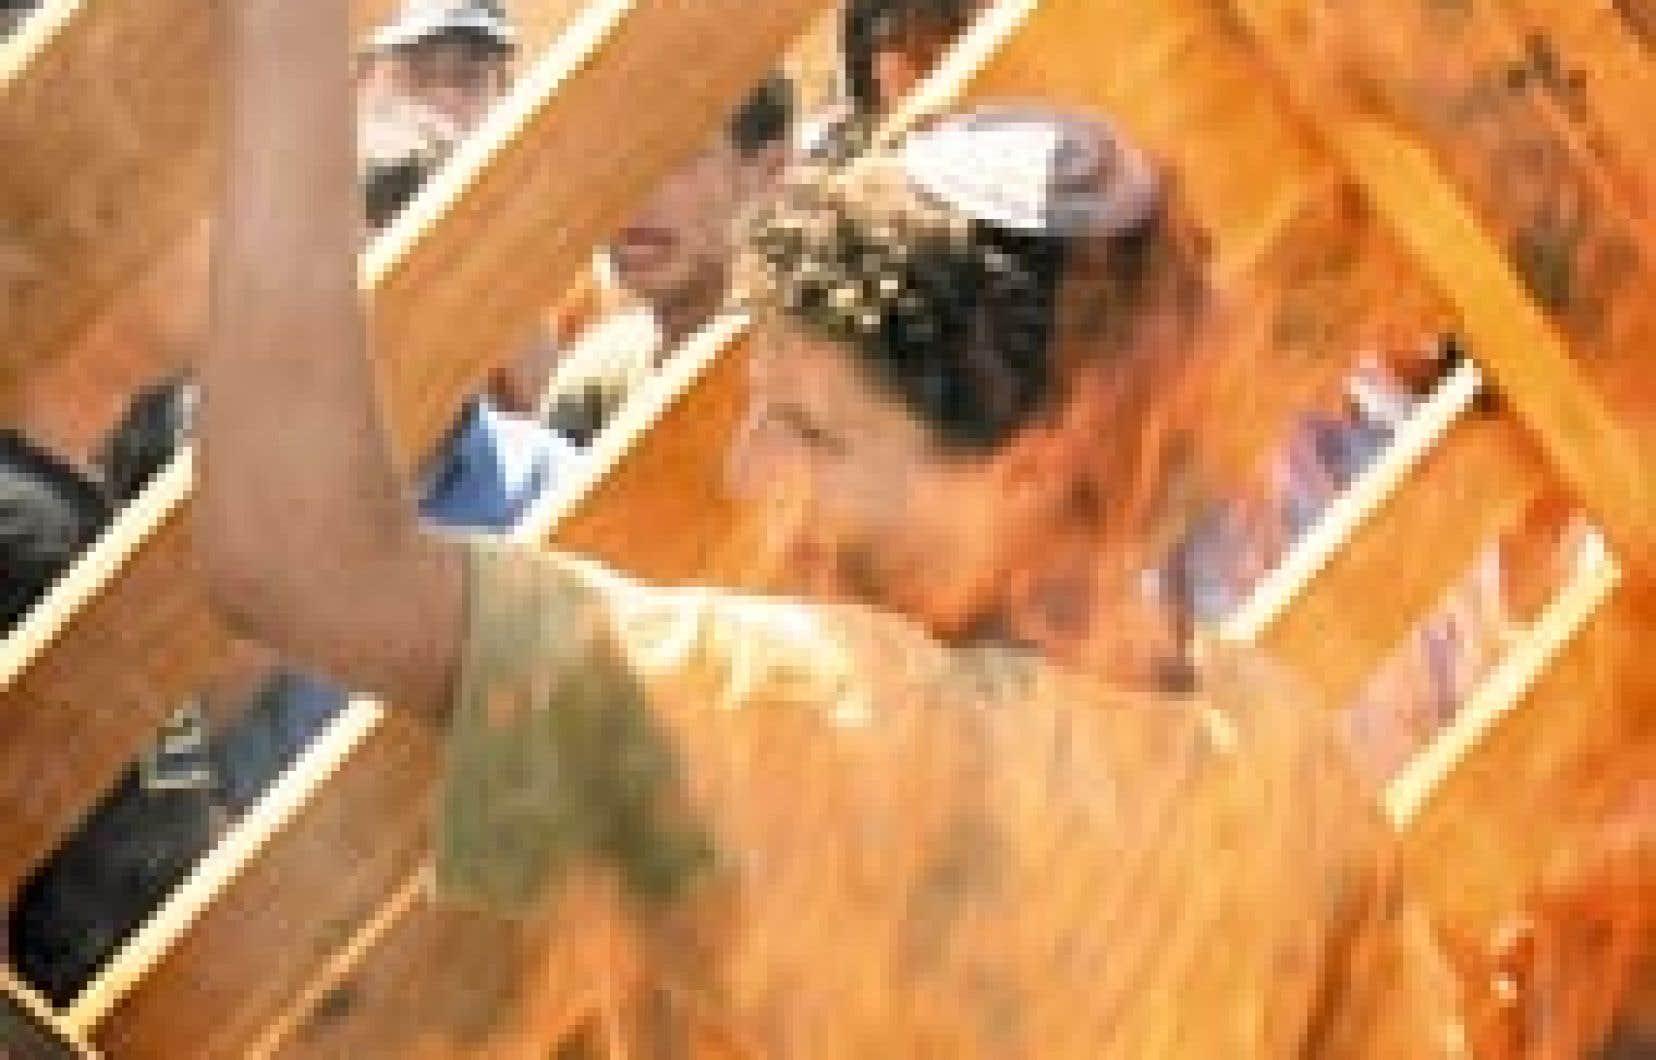 Un jeune colon juif résiste à l'ordre d'évacuation de la bande de Gaza en érigeant des barricades.